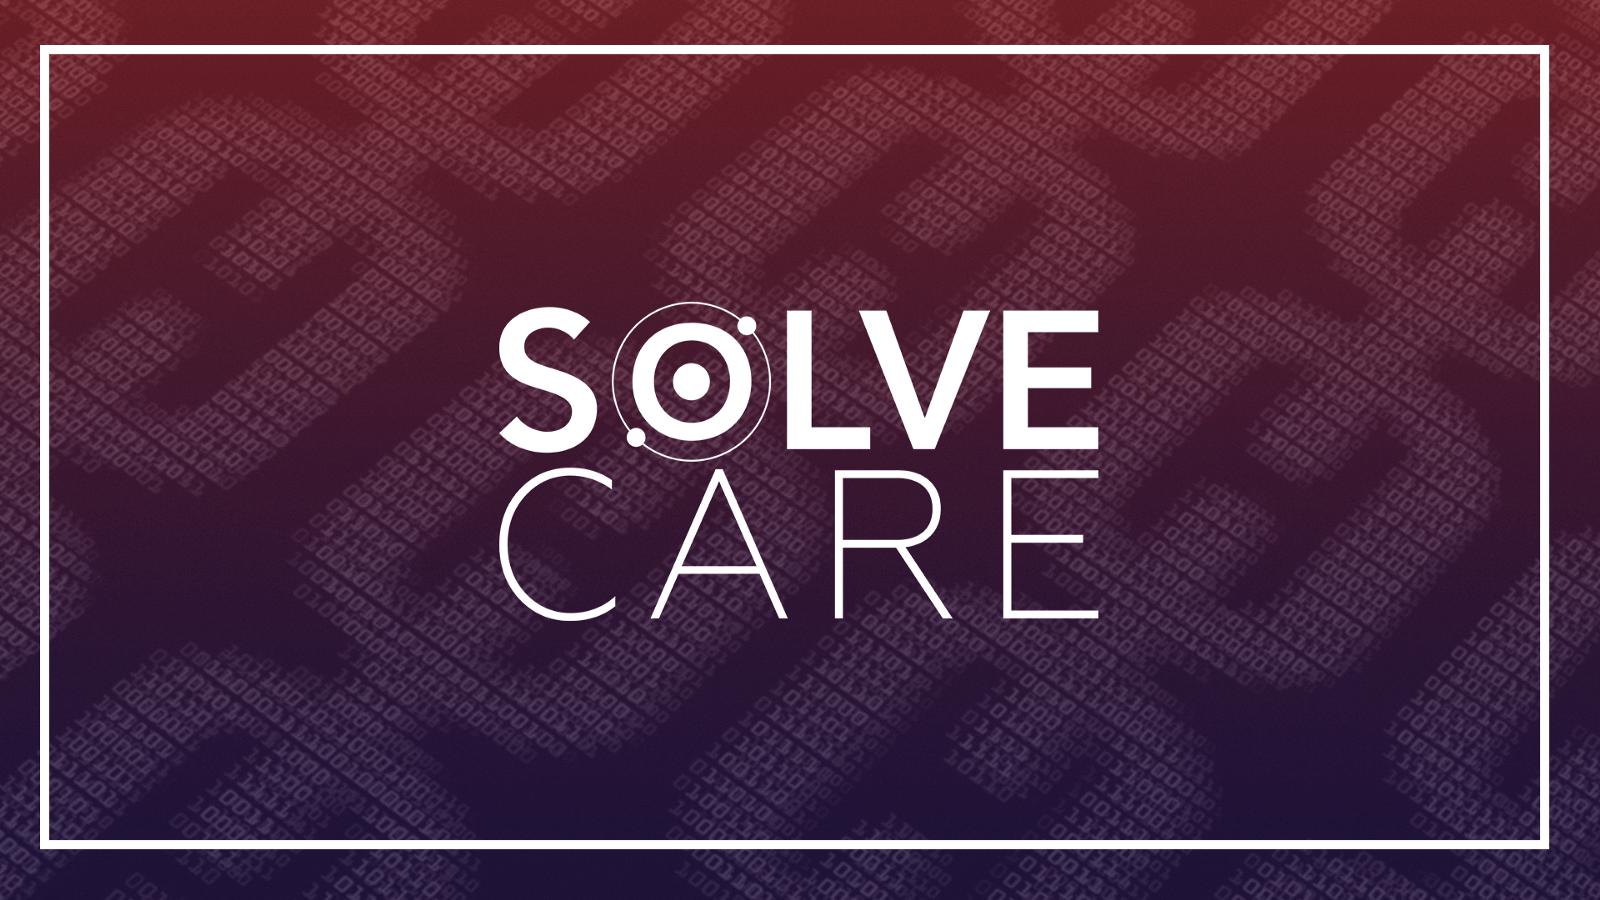 مشروع Solve.Care يقلل من تكالف الرعاية الصحية و يجعلها متاحة للجميع في كل العالم